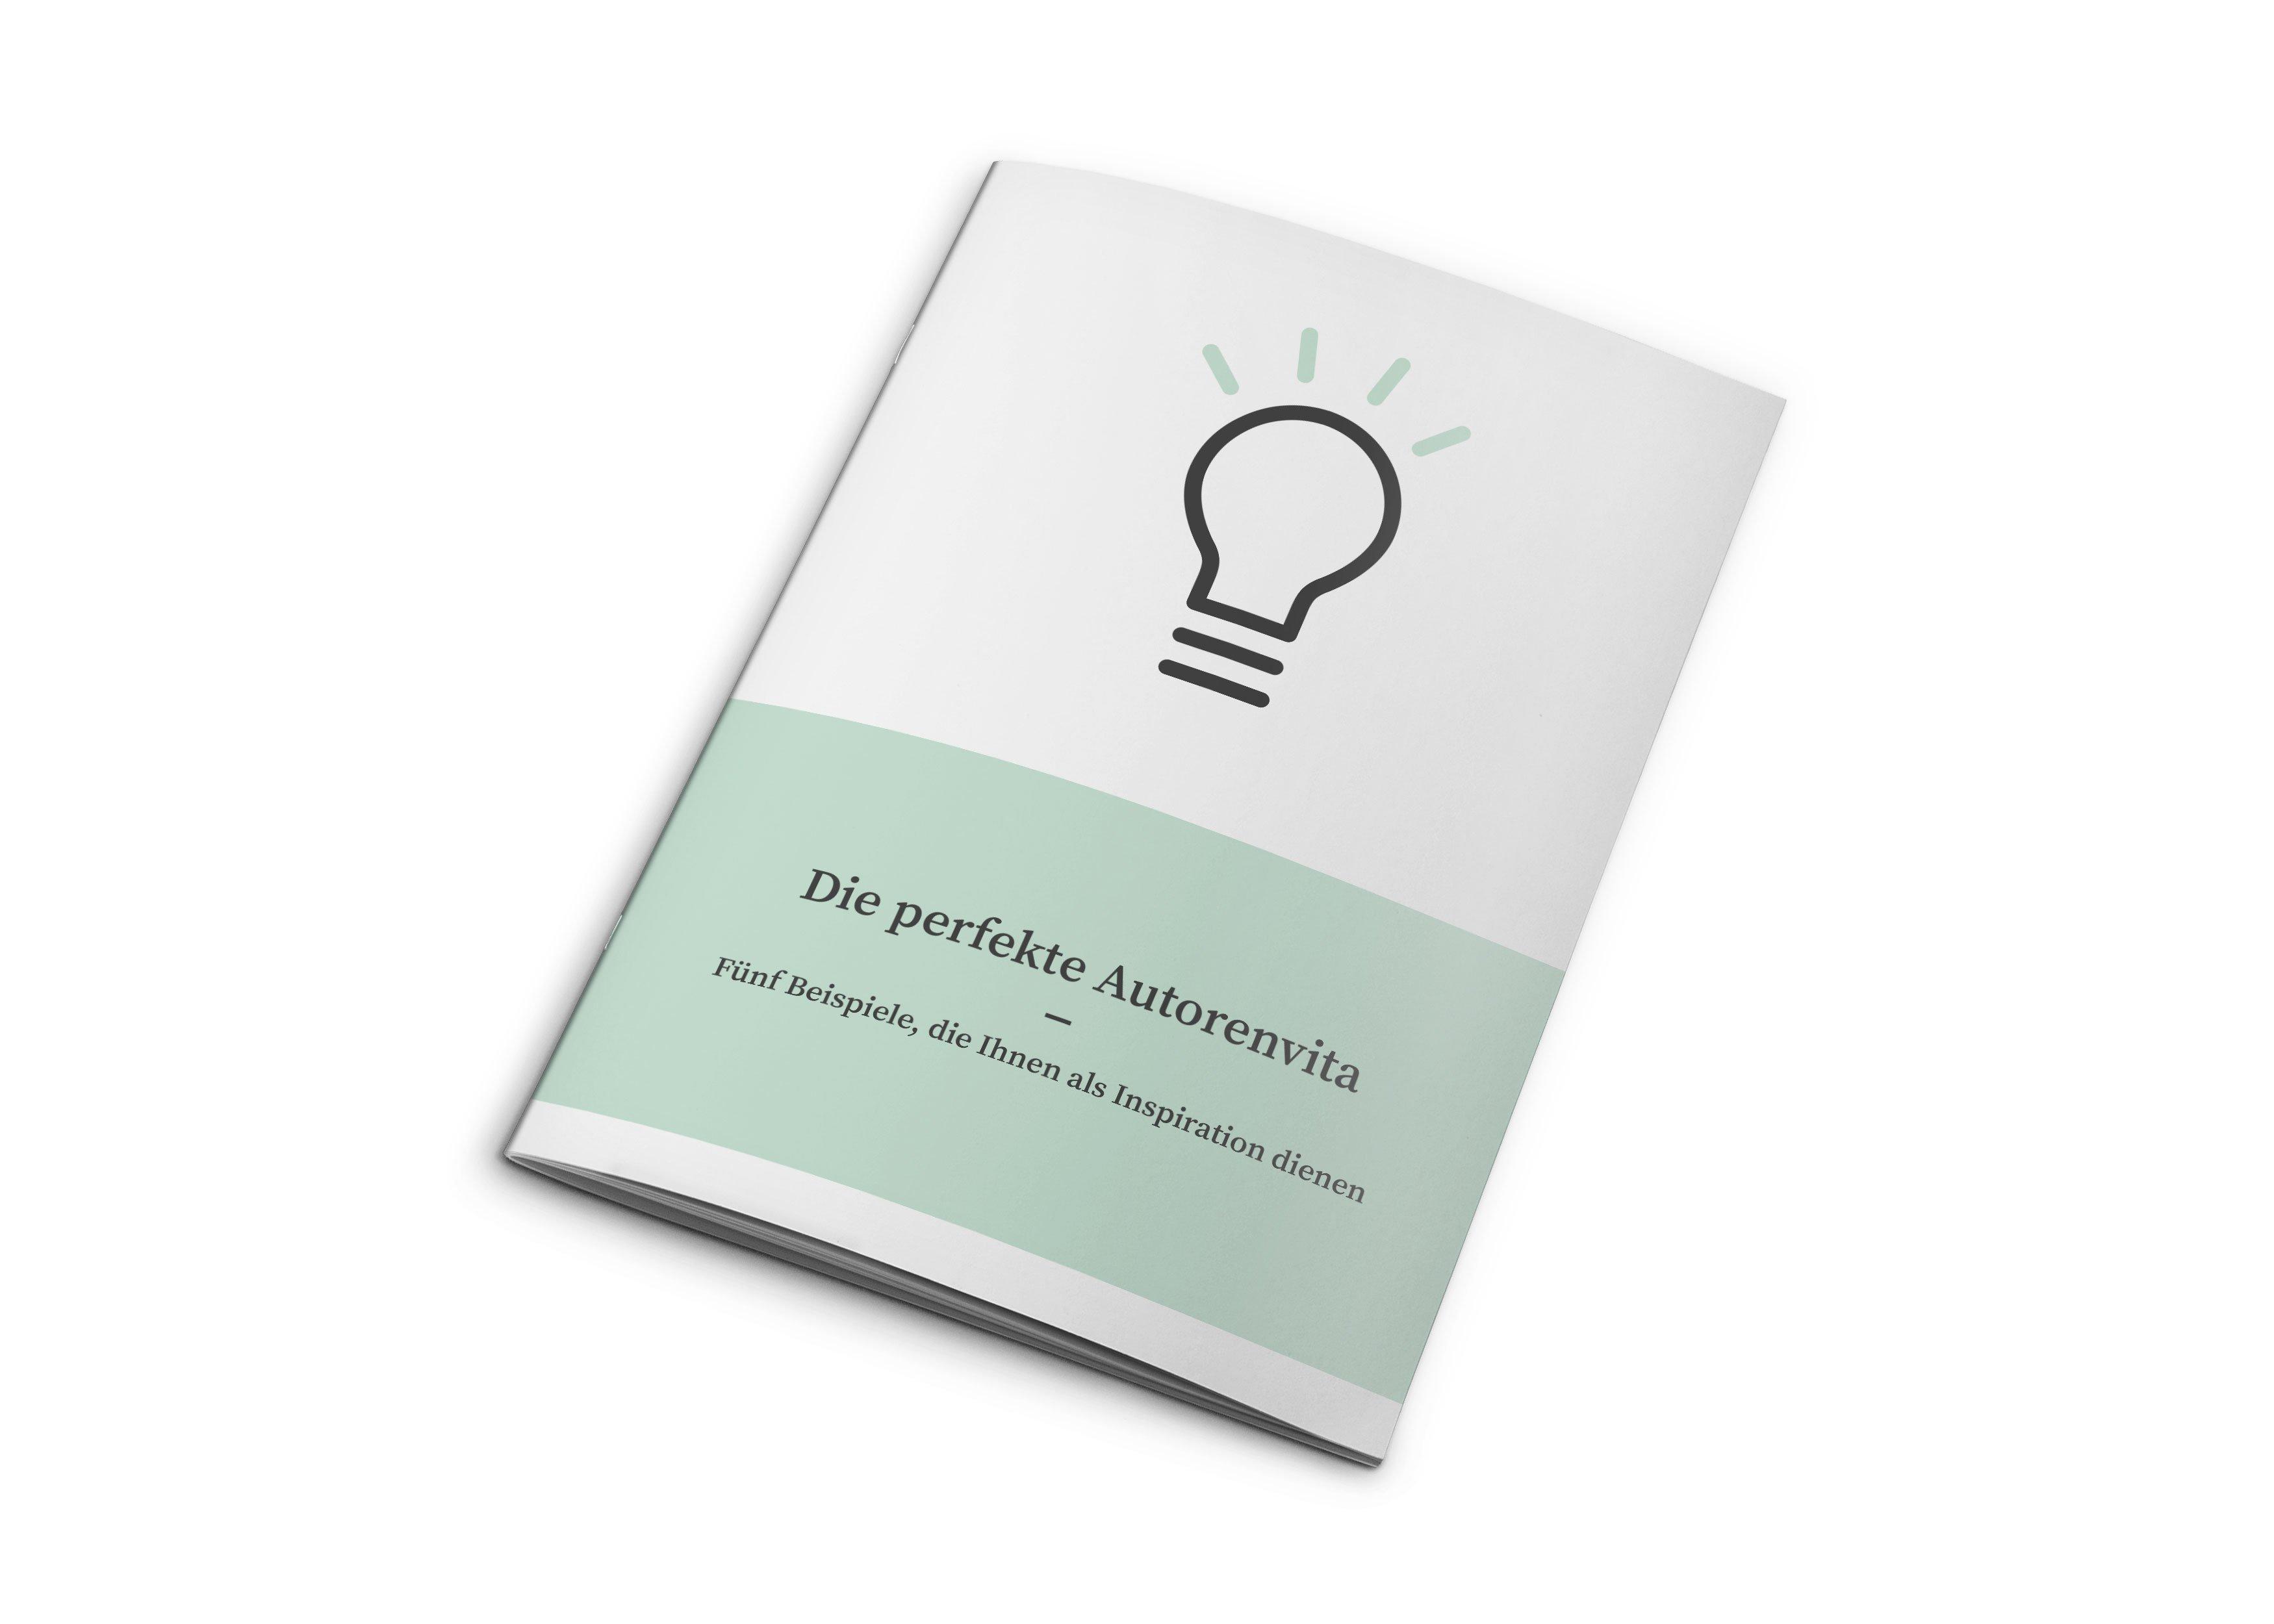 Buch erstellen mit den zahlreichen Tipps und Anleitungen von tredition